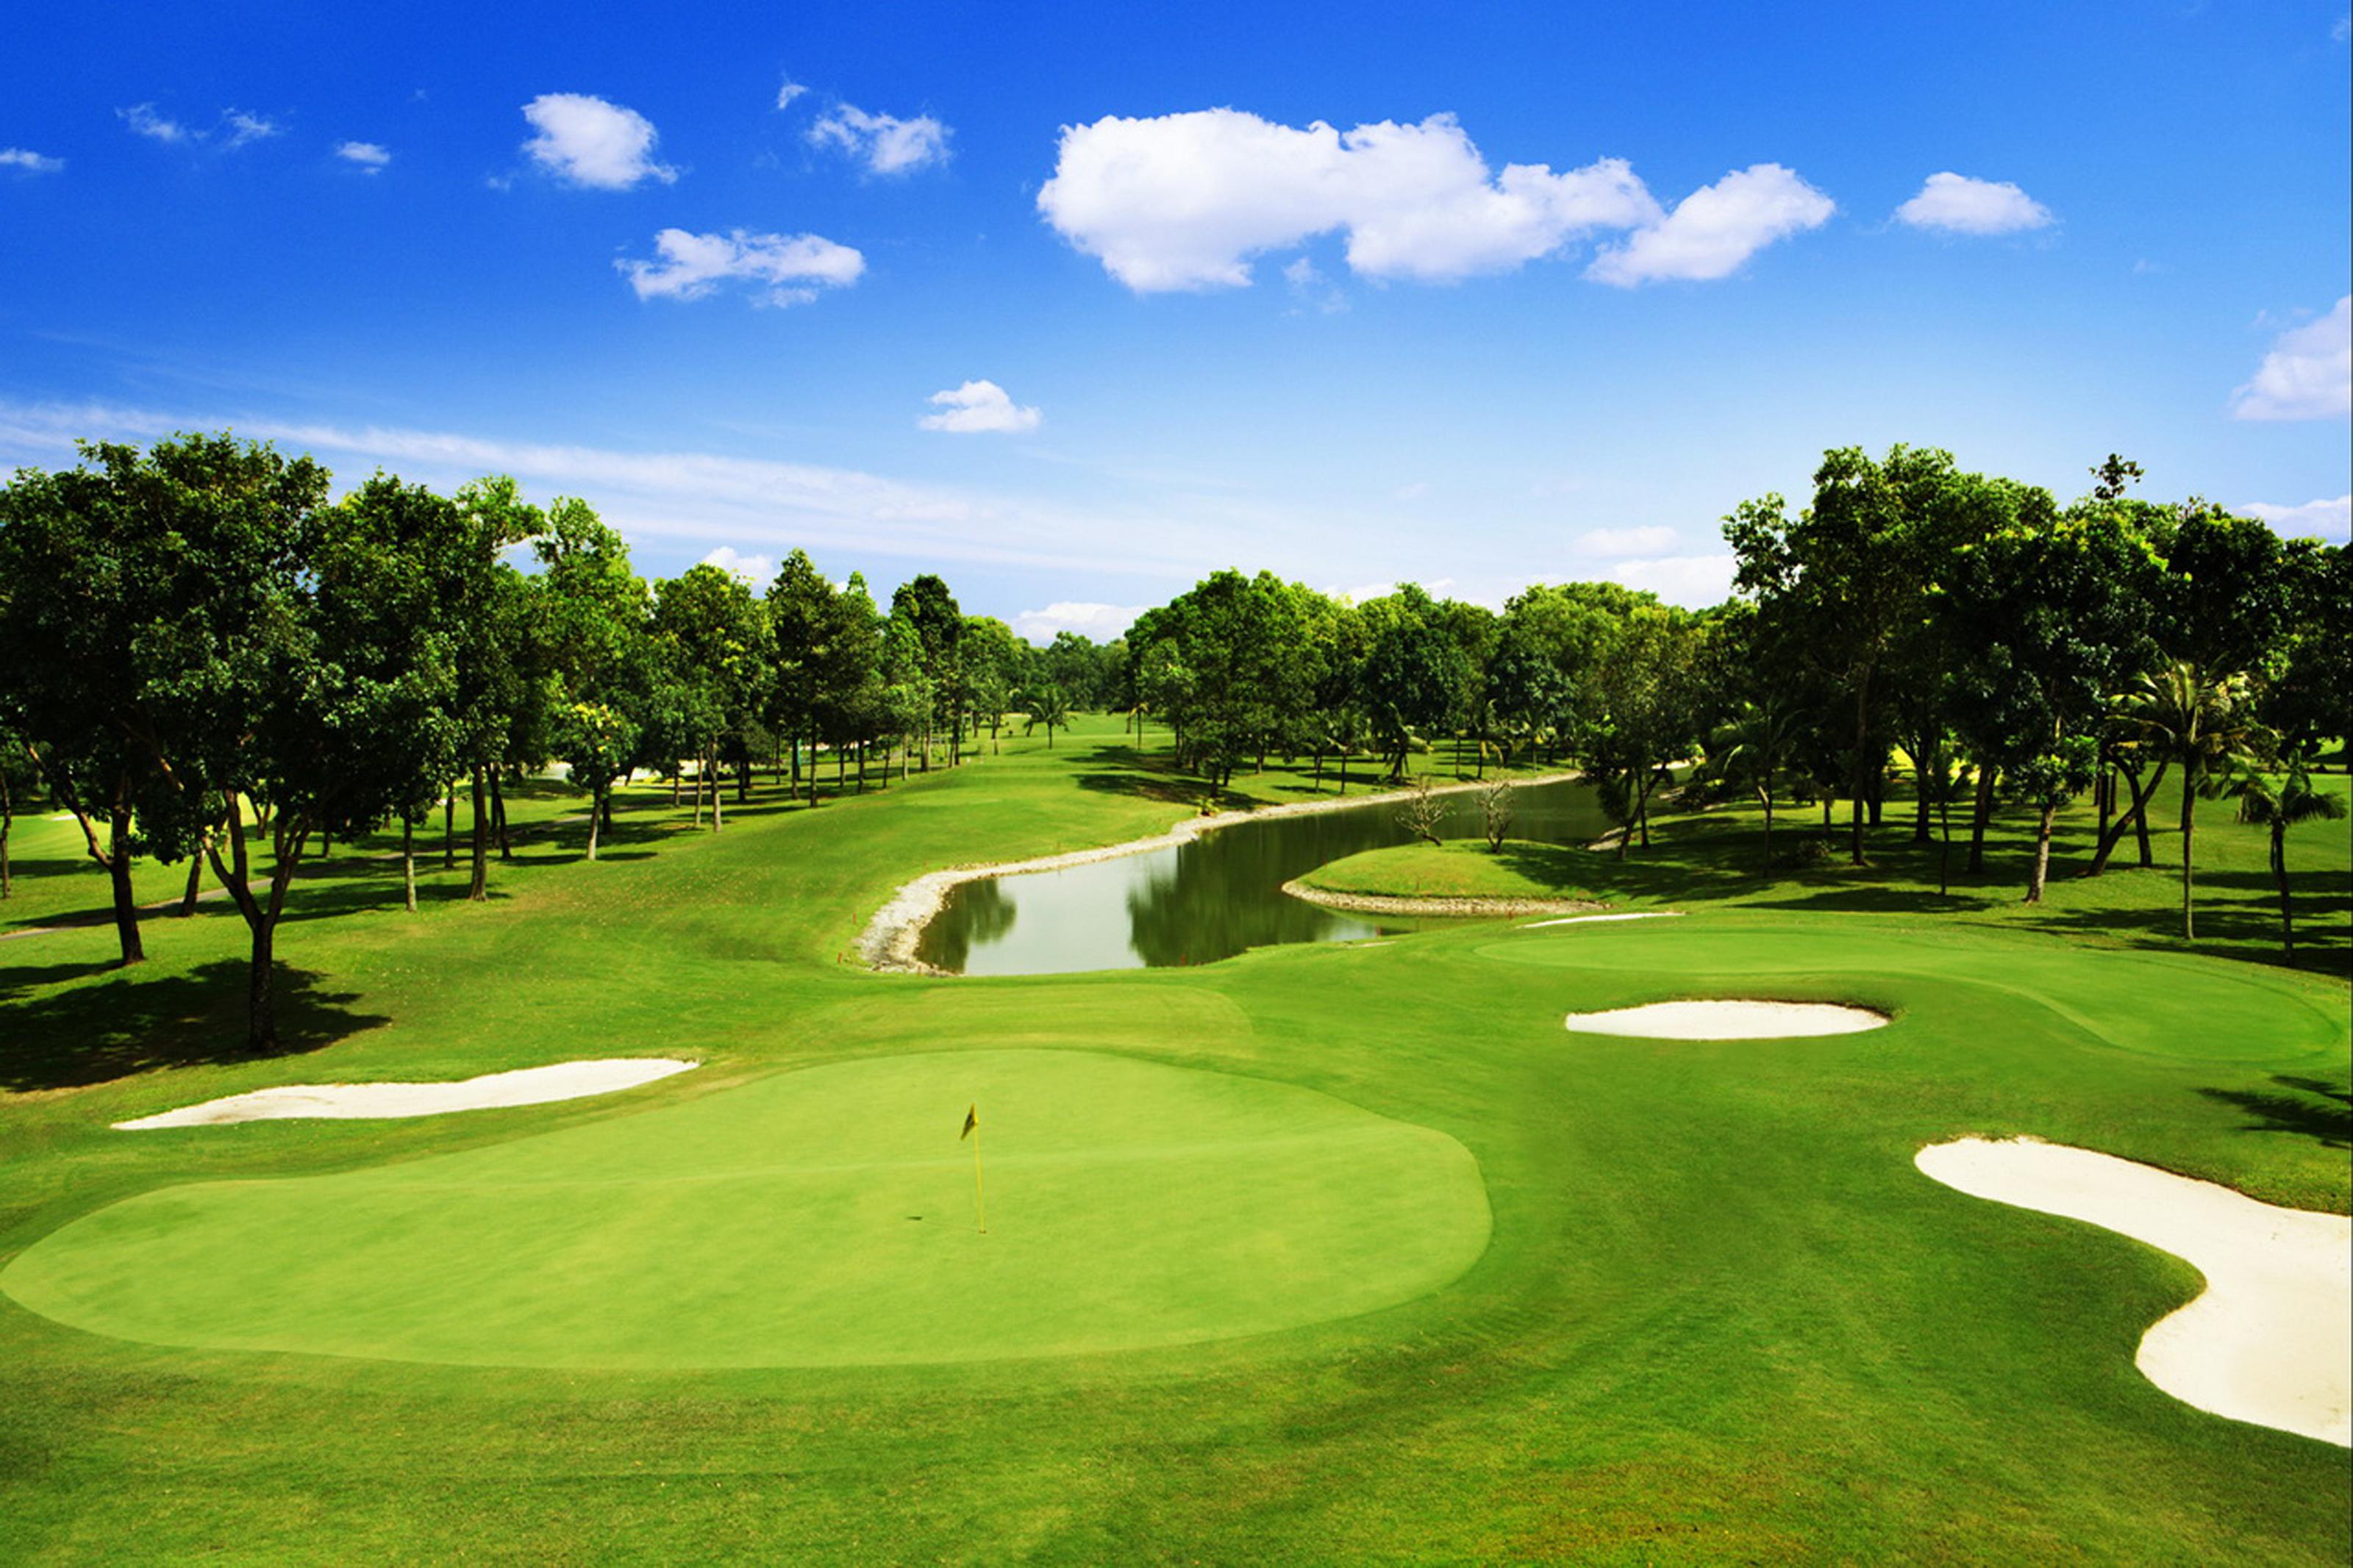 Hd Great White Shark Wallpaper Vietnam Golf Courses Vietnam Golf Tour S Blog